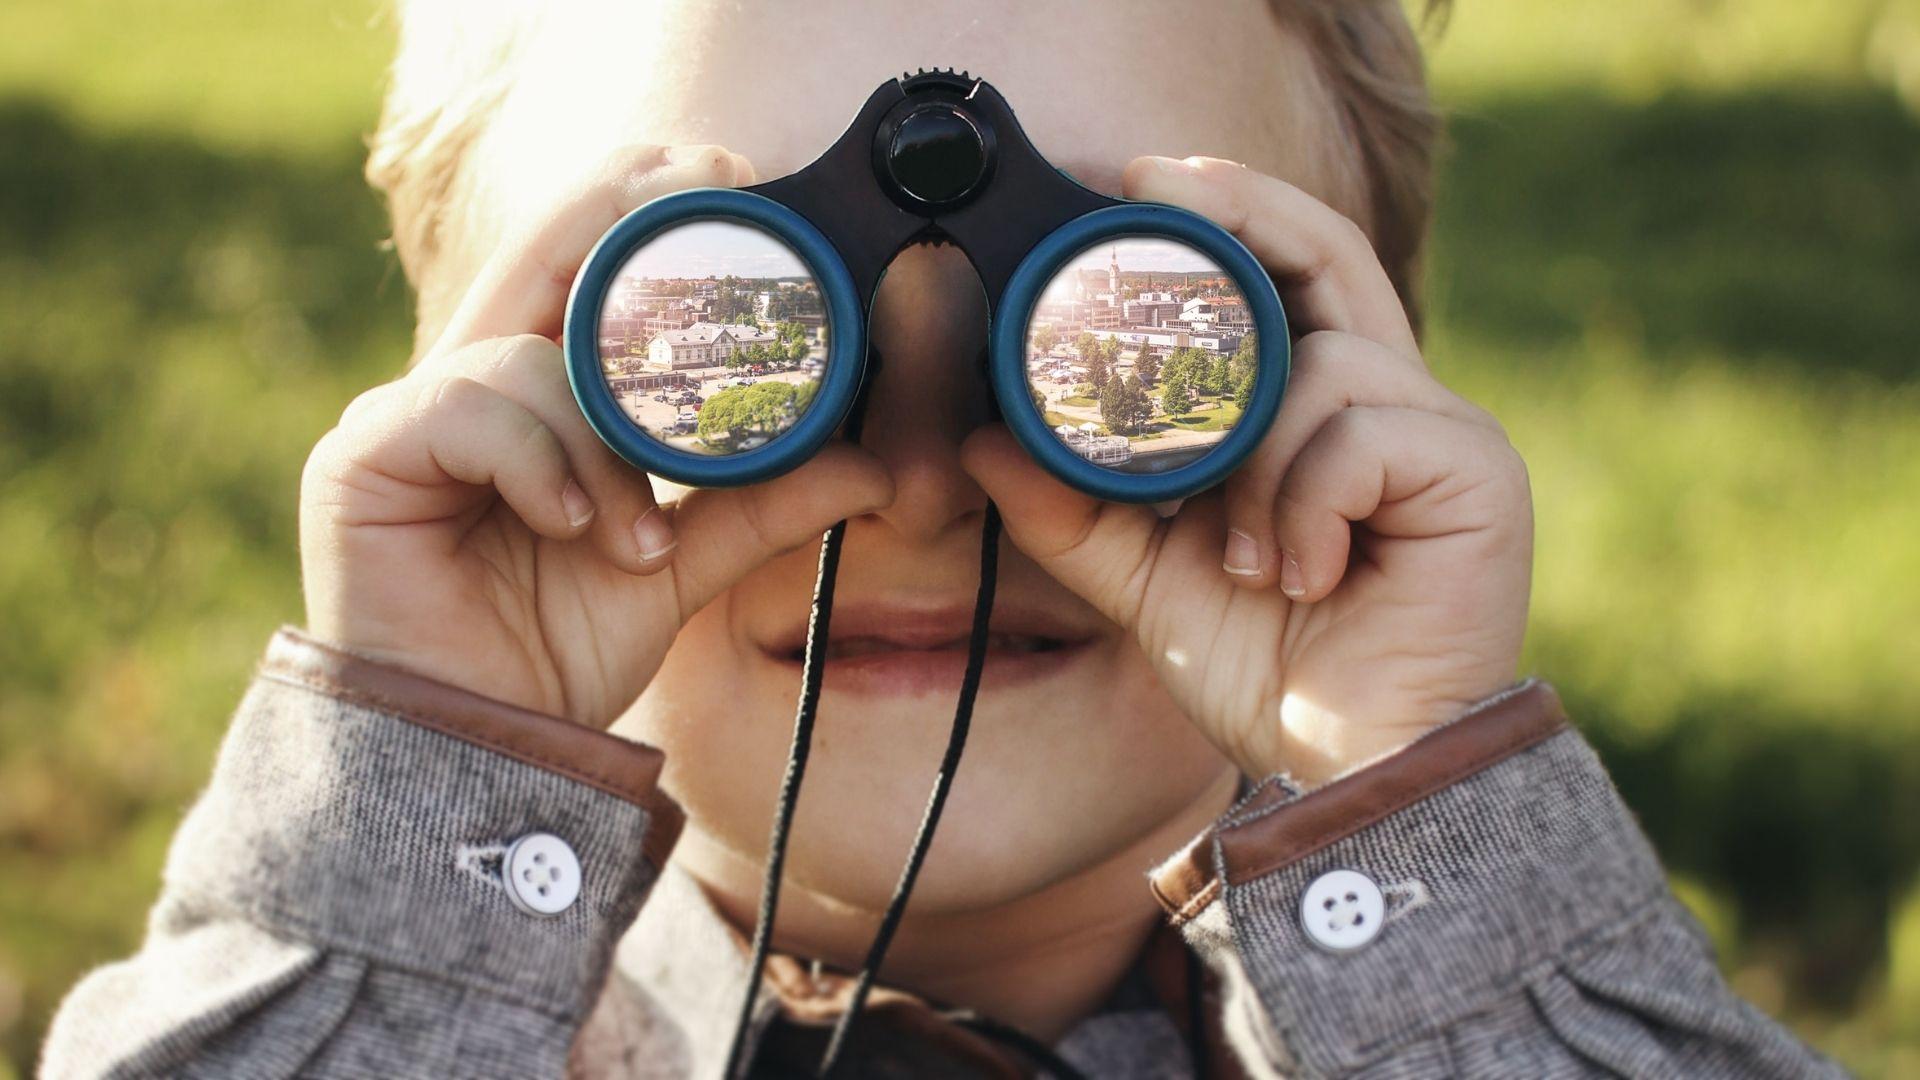 Lapsi tähystää kiikareilla kaupunkiin